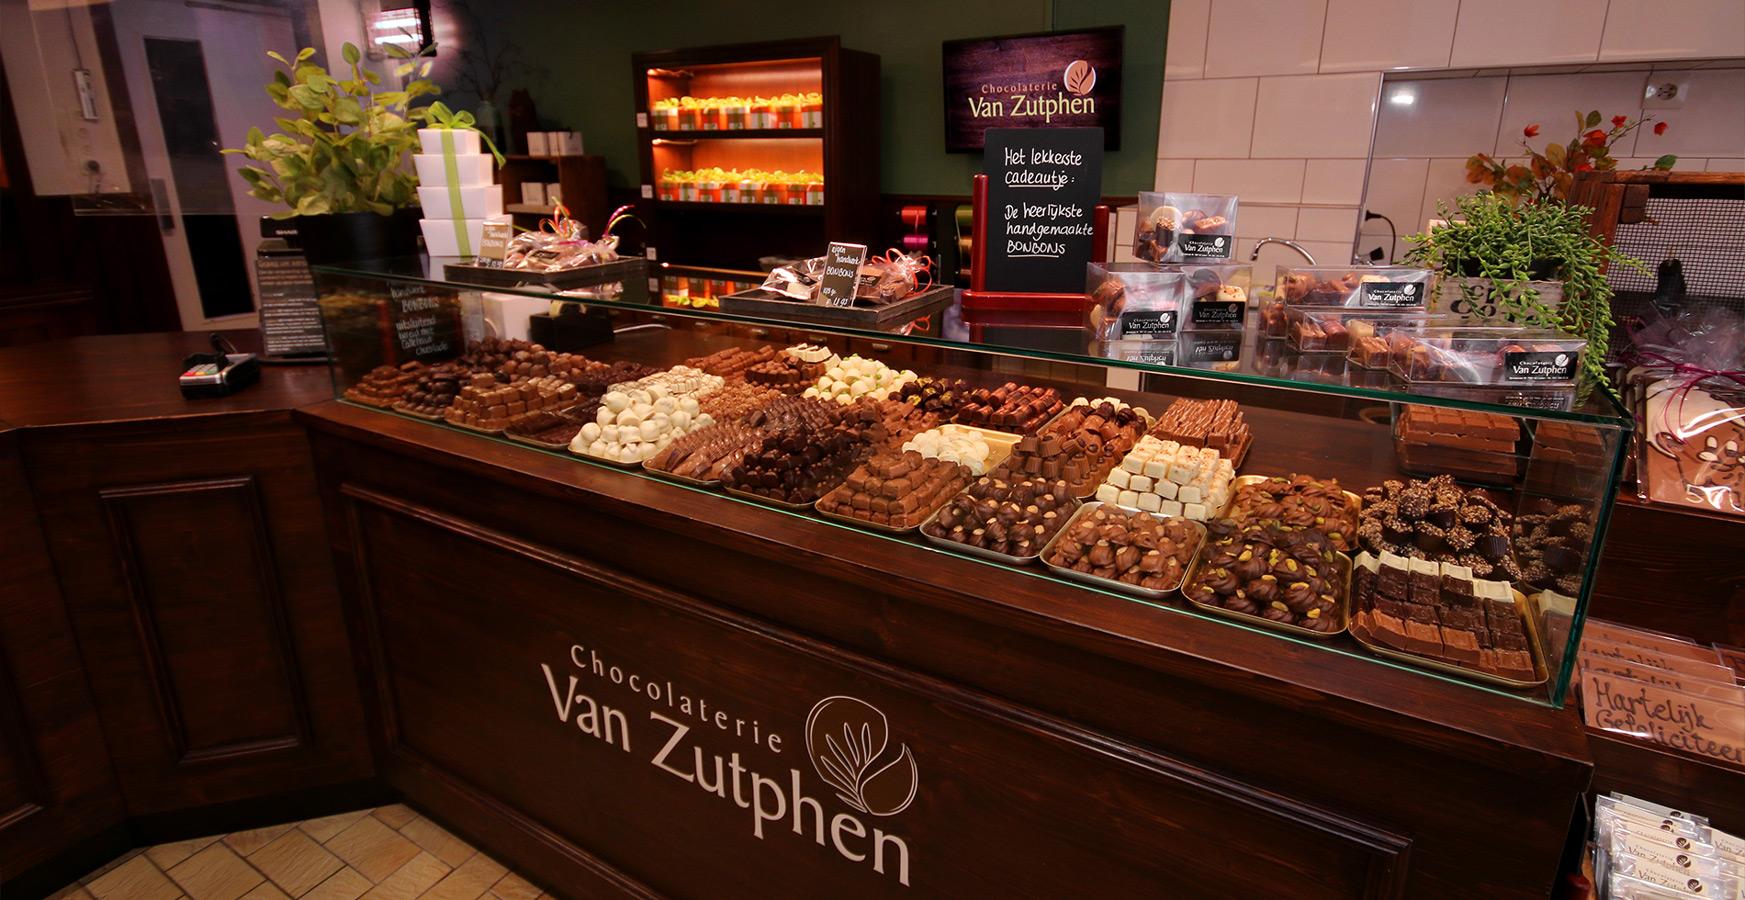 Chocolaterie Van Zutphen in Losser - Heerlijke bonbons en cadeaus van chocolade